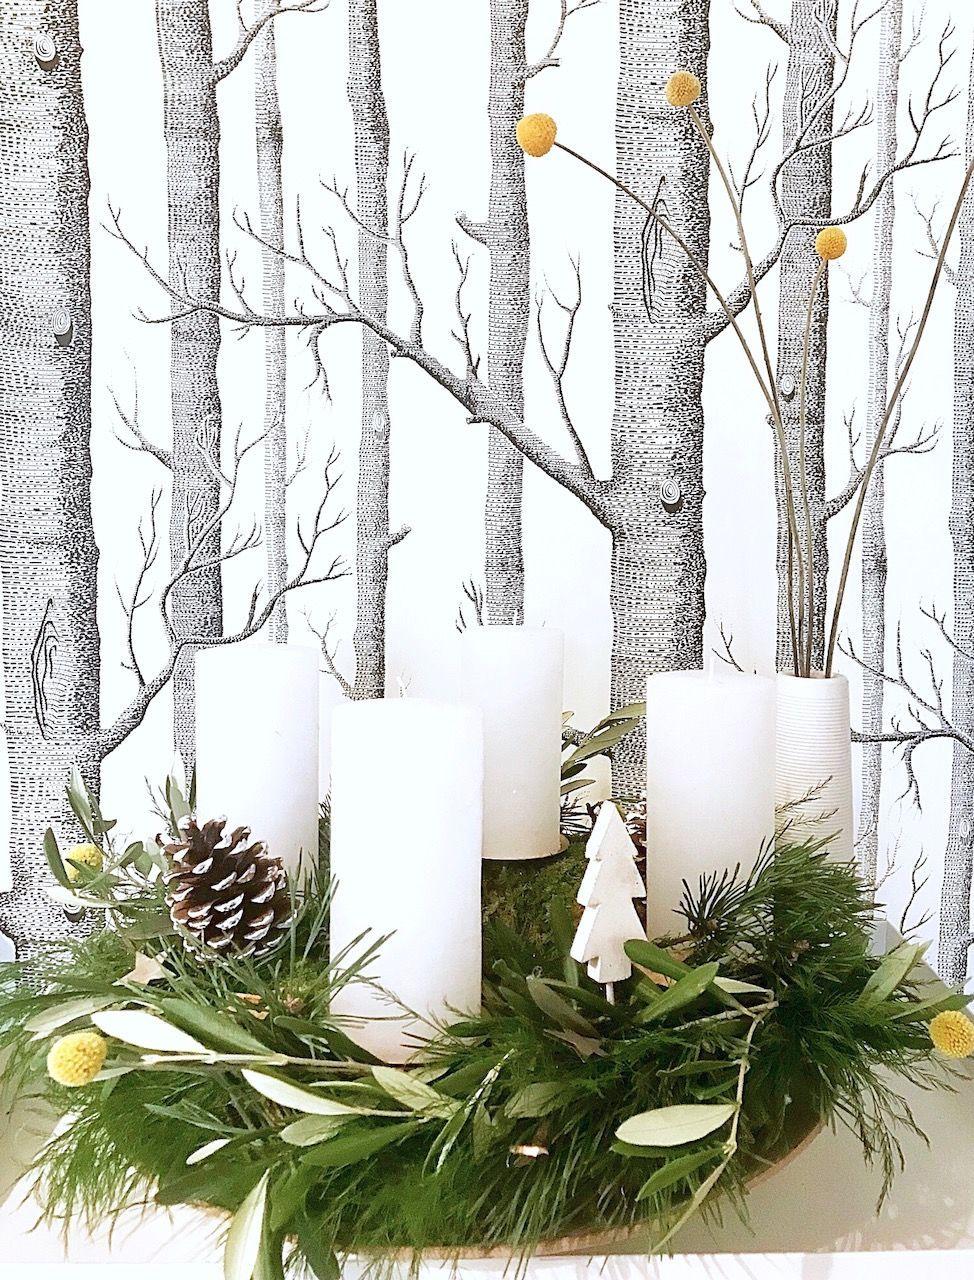 die besten bastelideen f r weihnachten. Black Bedroom Furniture Sets. Home Design Ideas